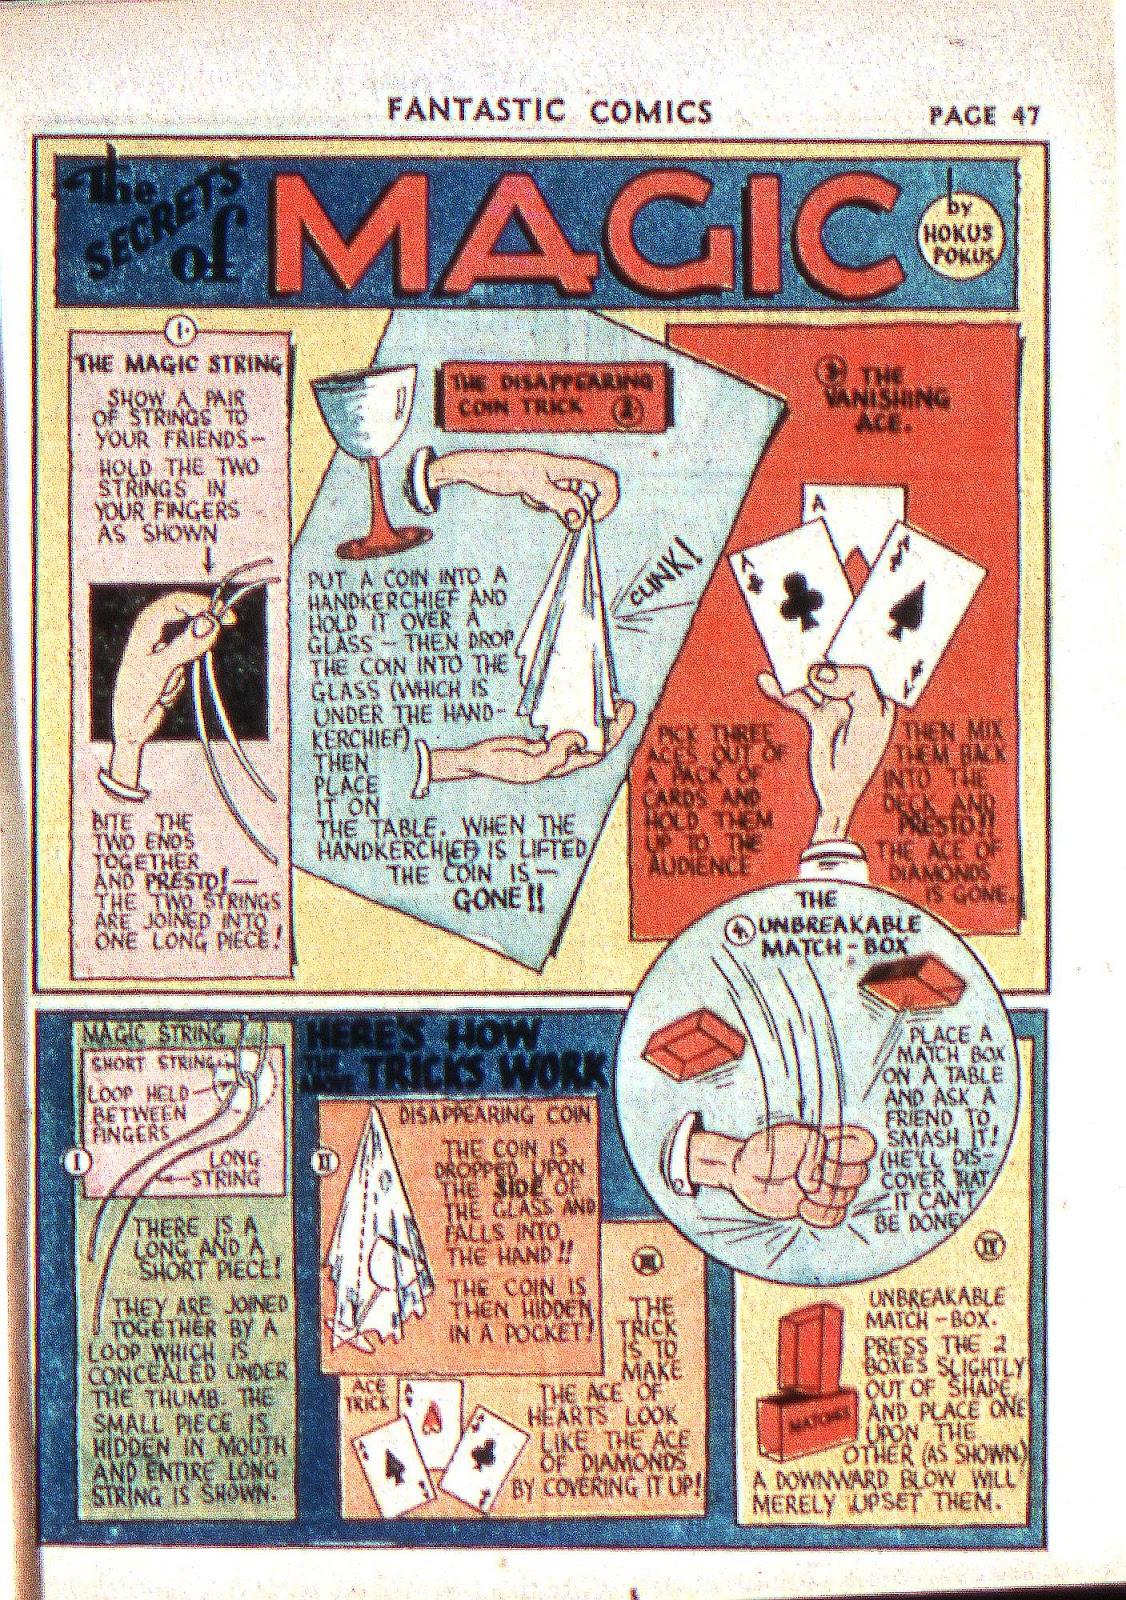 Read online Fantastic Comics comic -  Issue #2 - 48